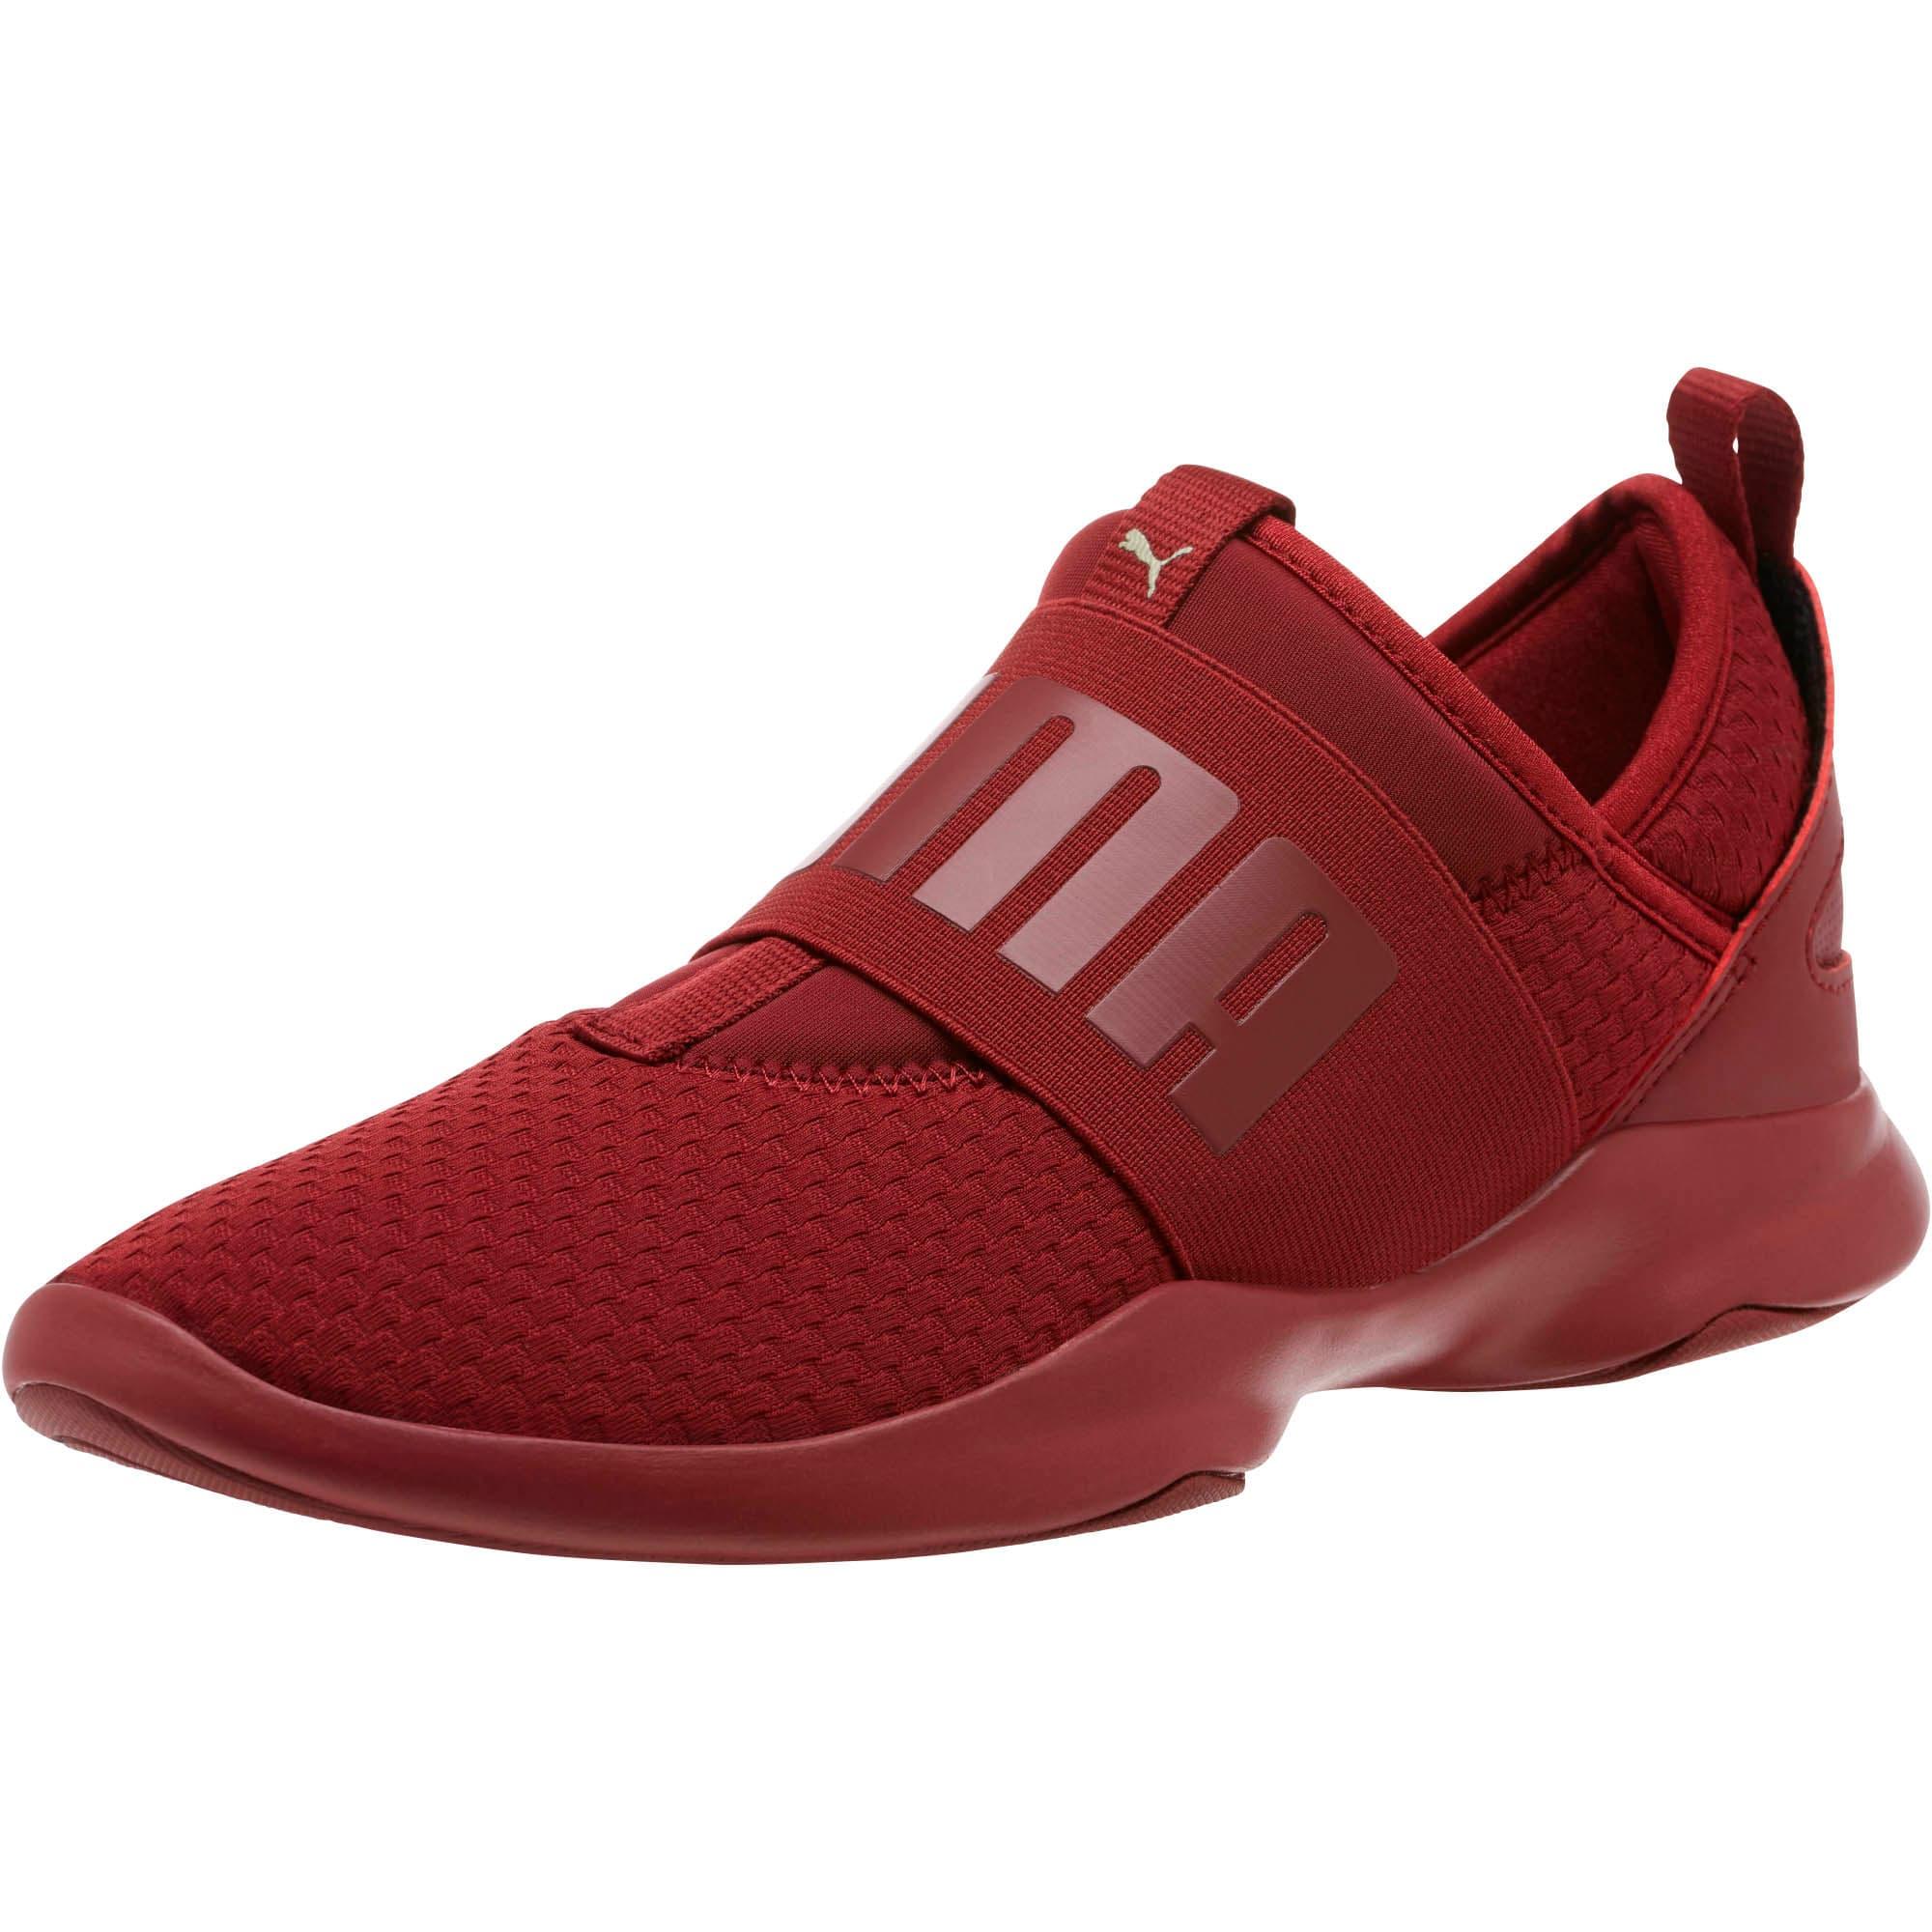 Dare En Pointe Women's Shoes